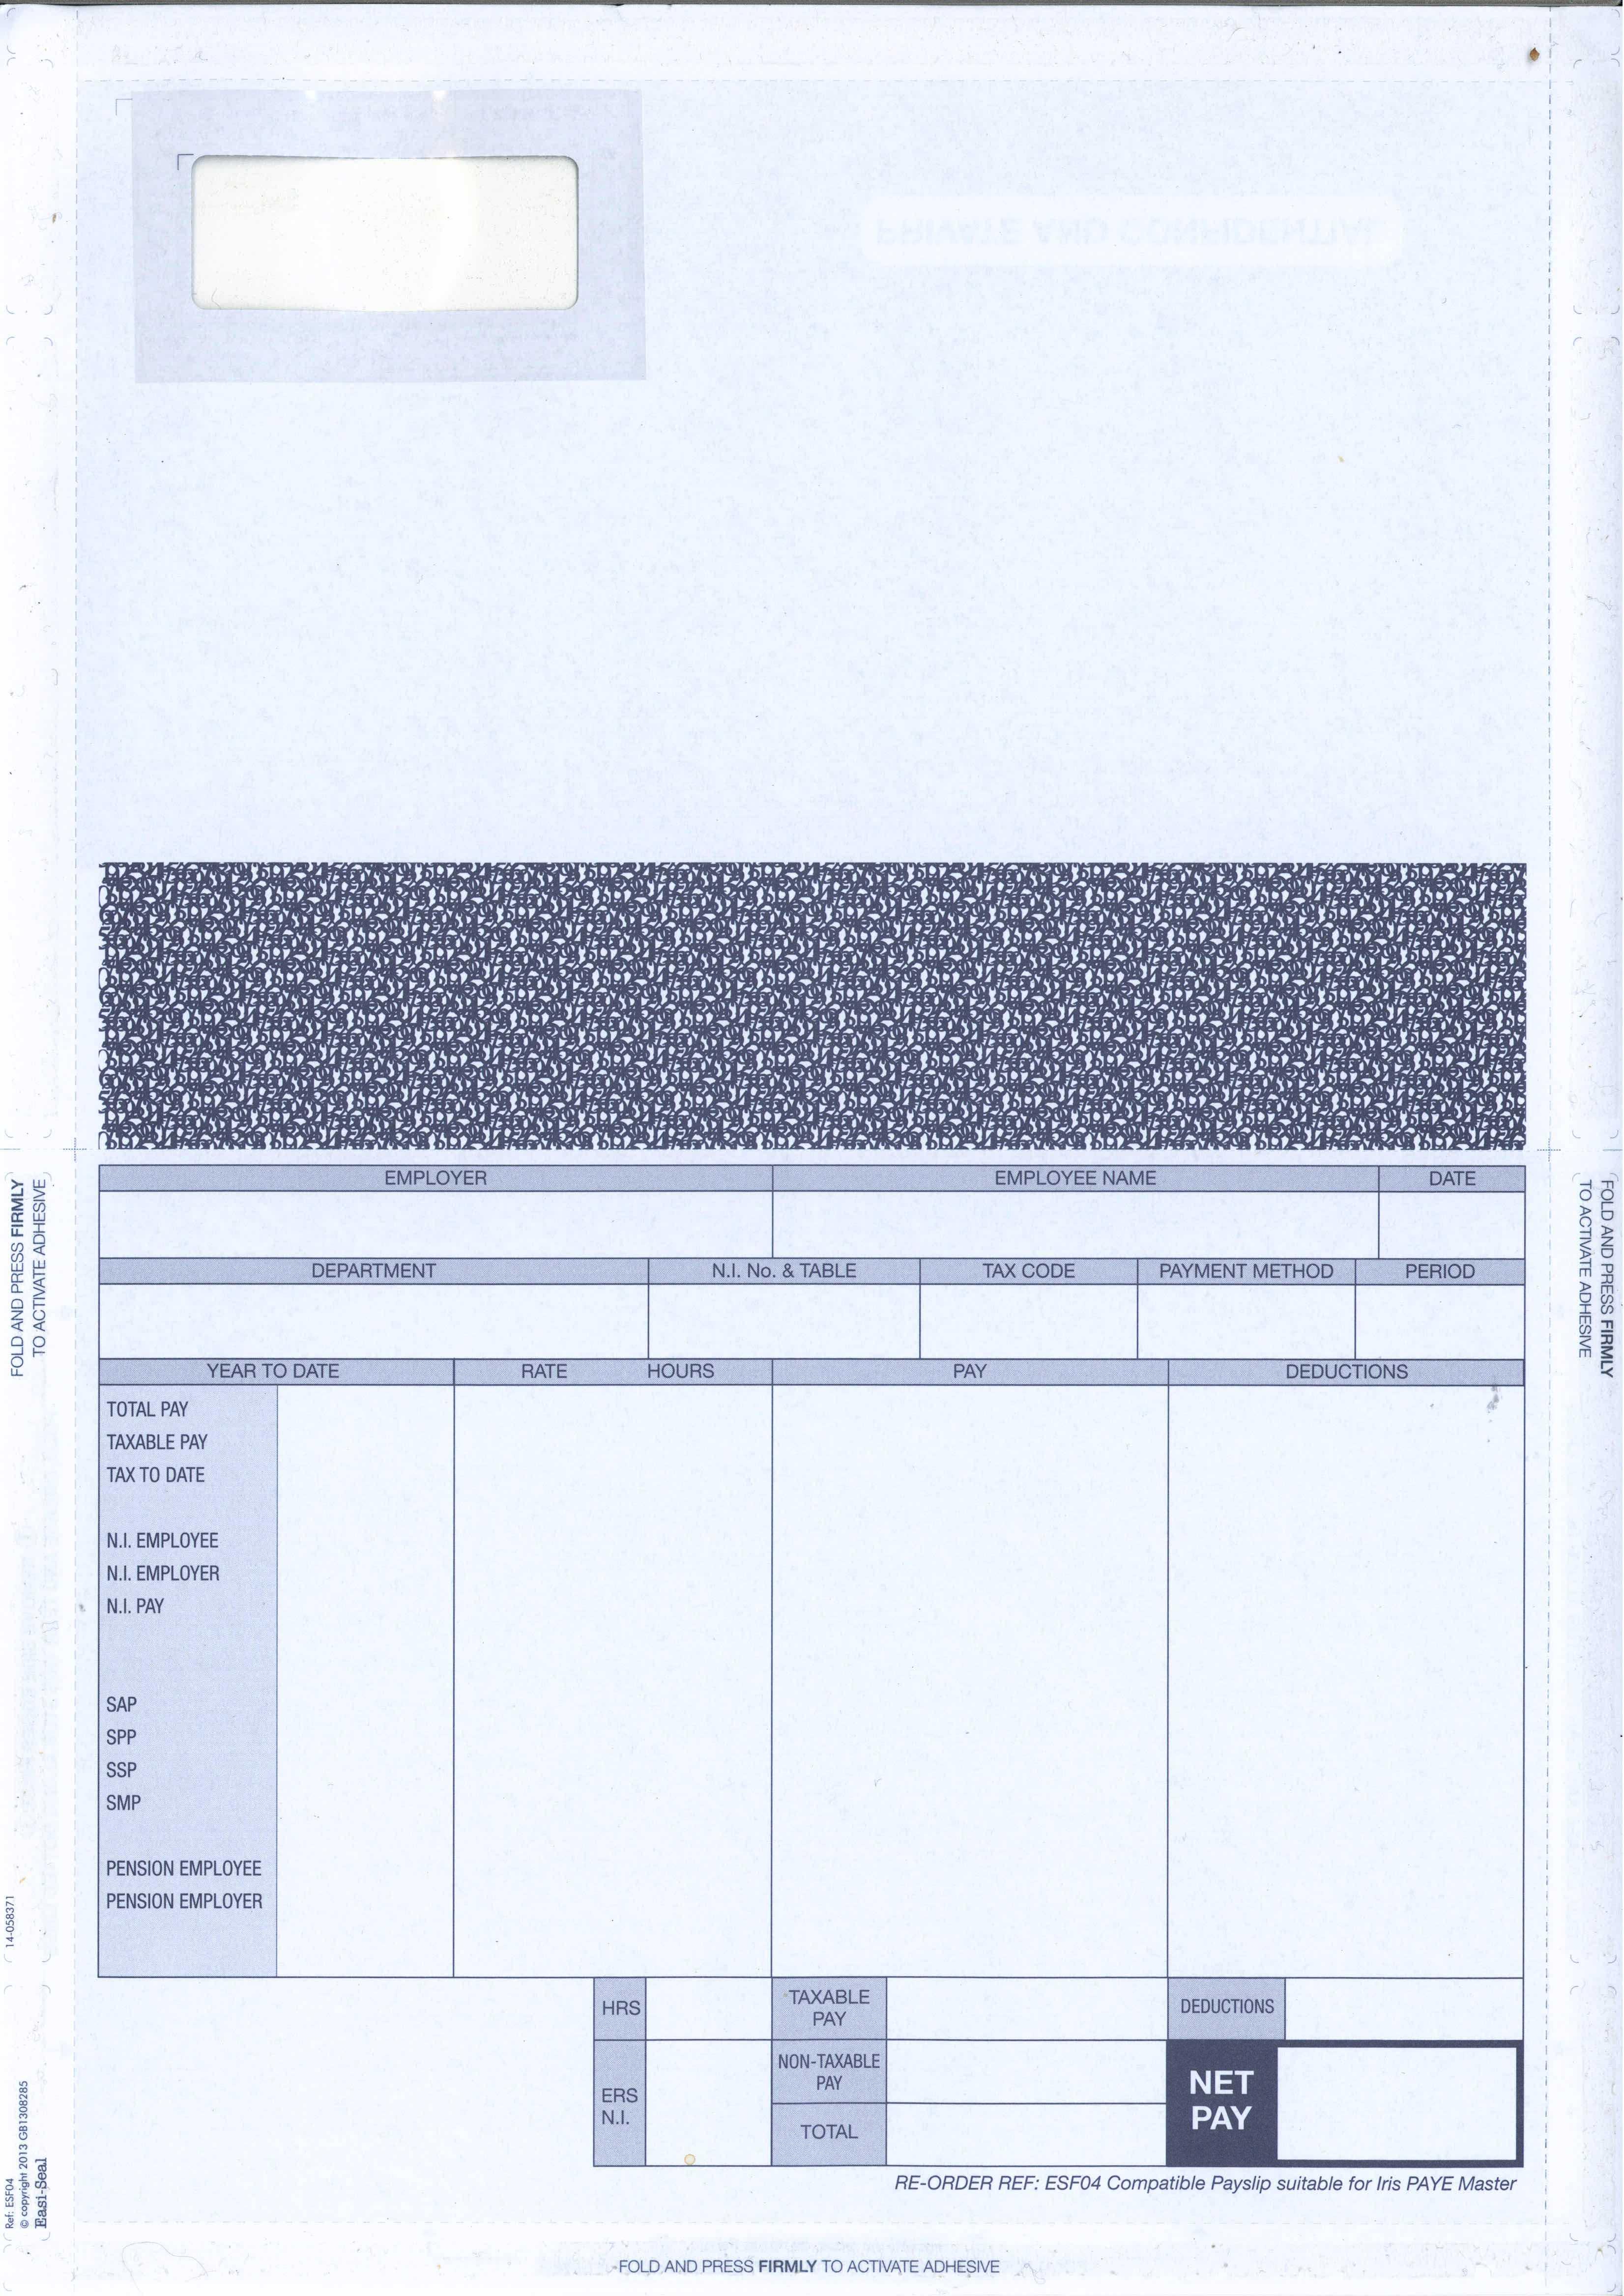 Doc524675 Samples of Payslips Doc524675 Payslip Samples – Sample of Payroll Slip